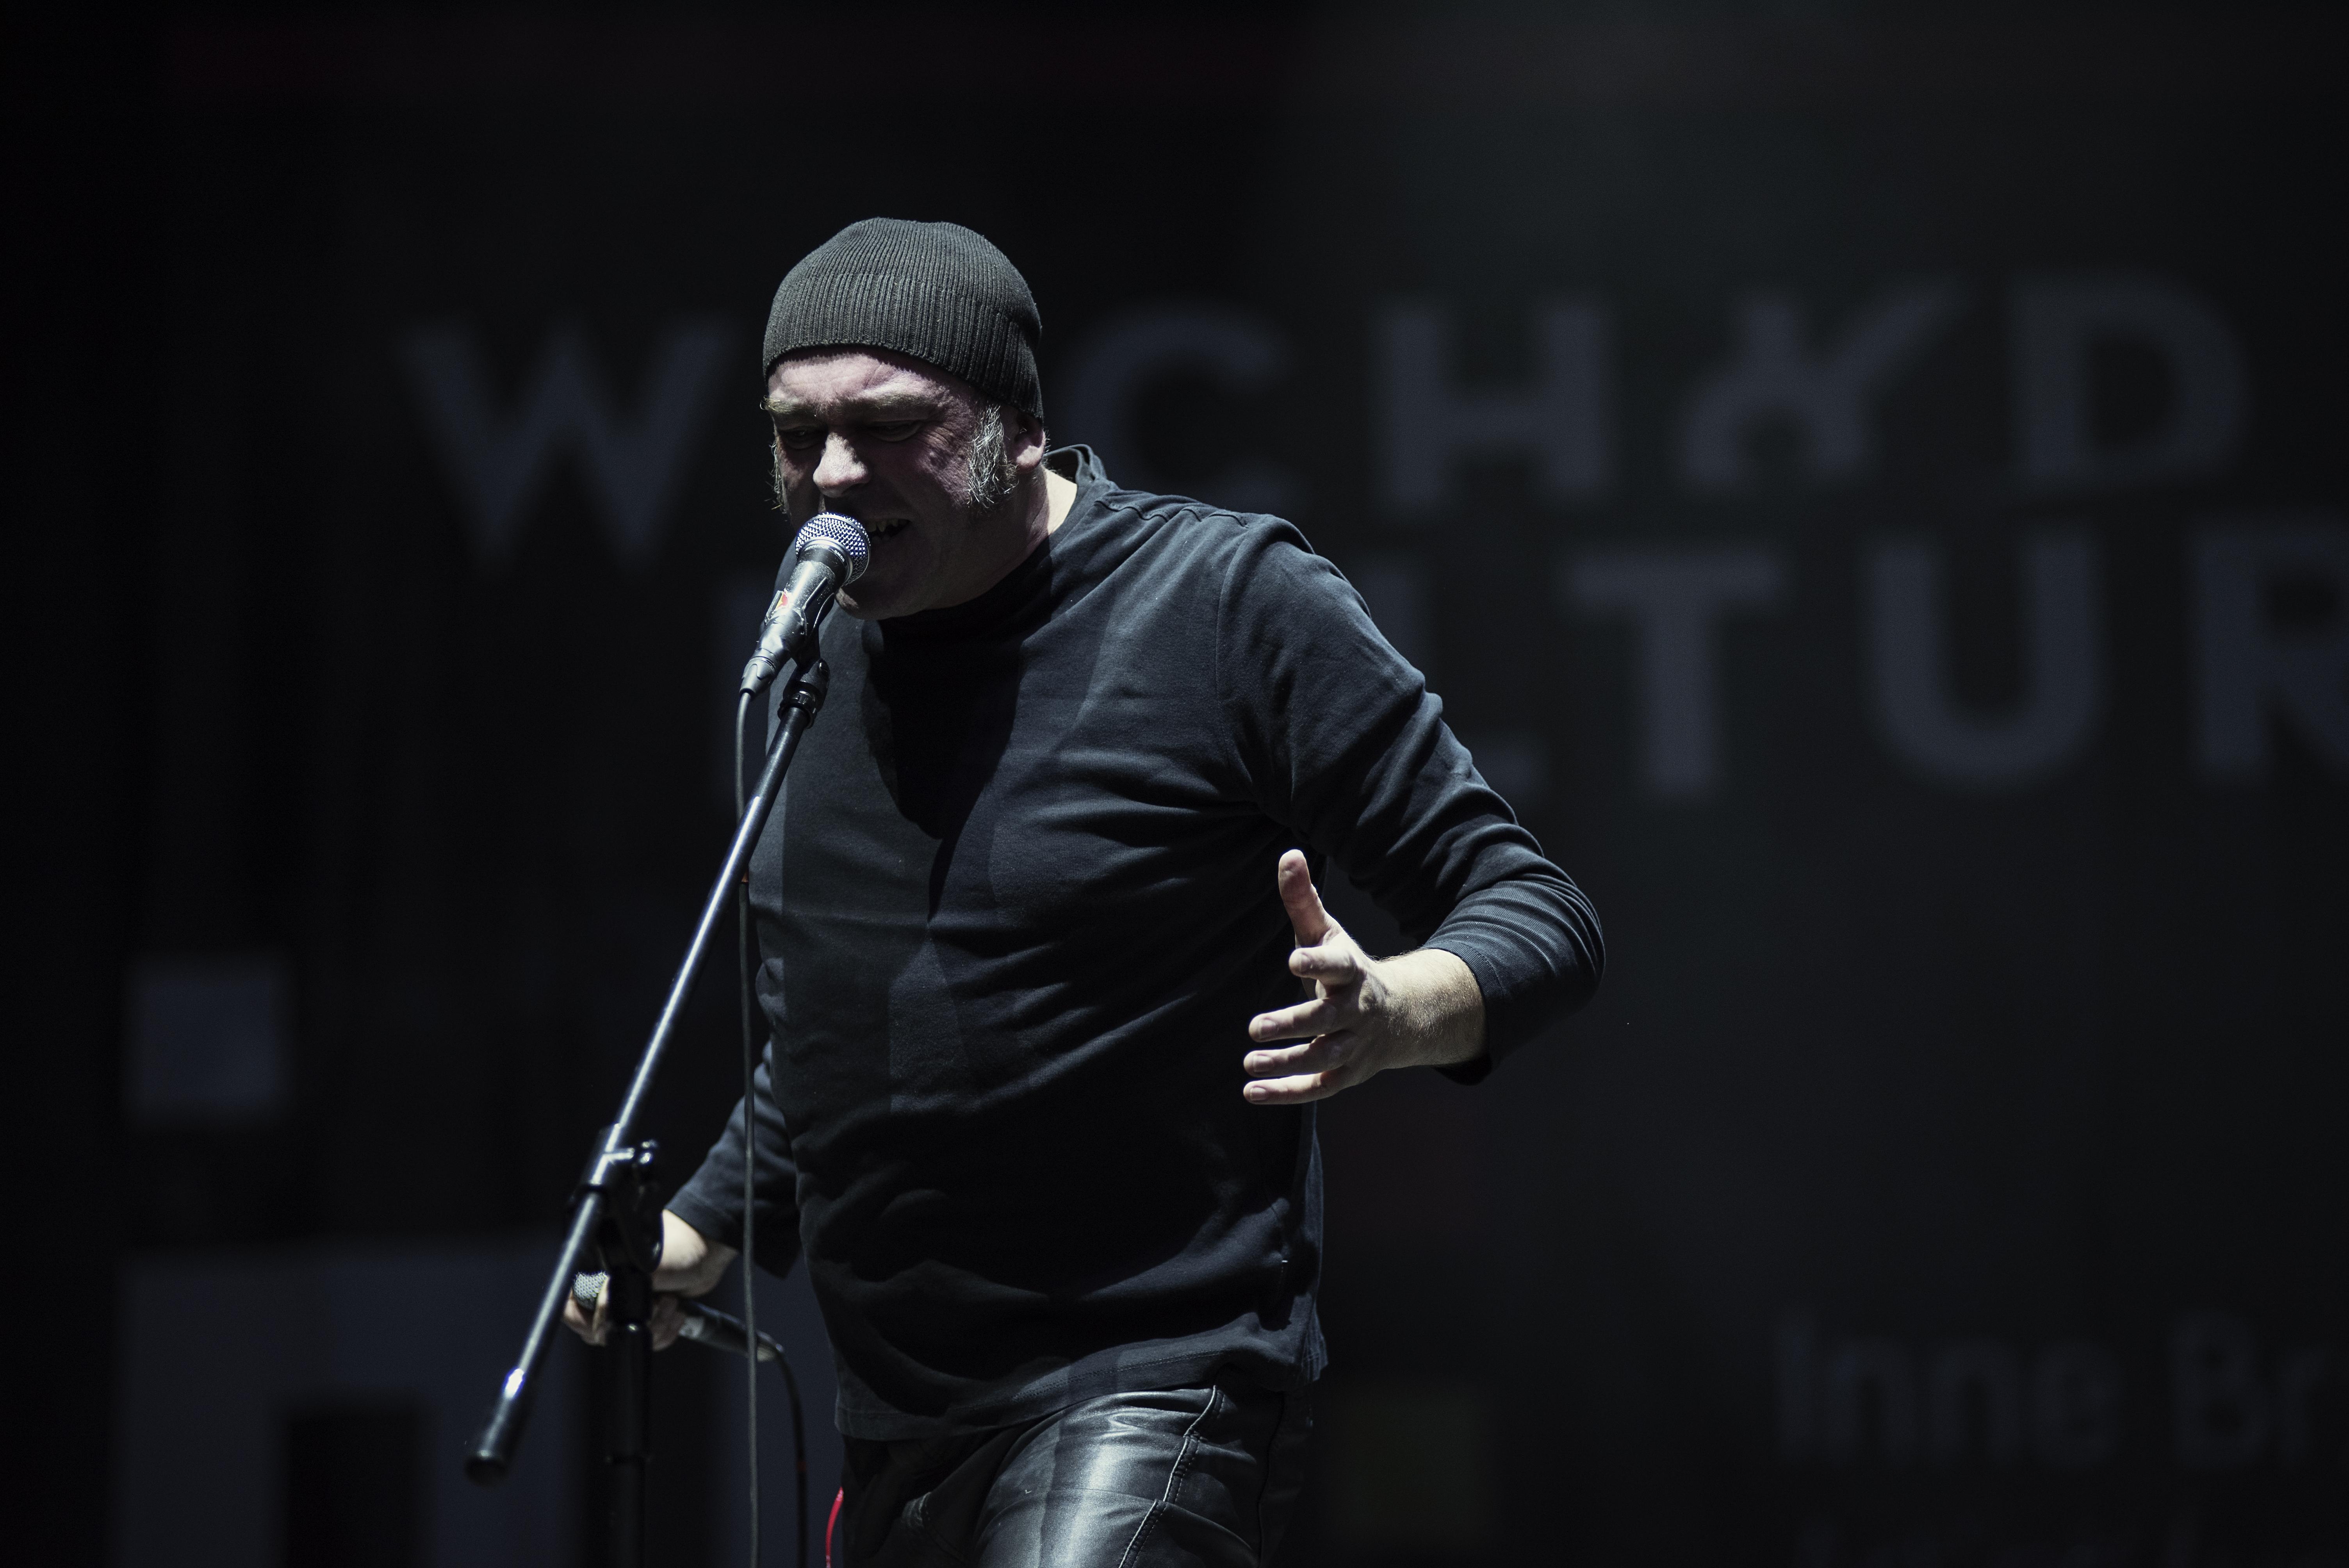 Ponownie zdjęcie z projektu muzycznego Rimbaud. Widzimy wokalistę przodem. Śpiewa do jednego mikrofonu, drugi zaś nadal trzyma w ręce.